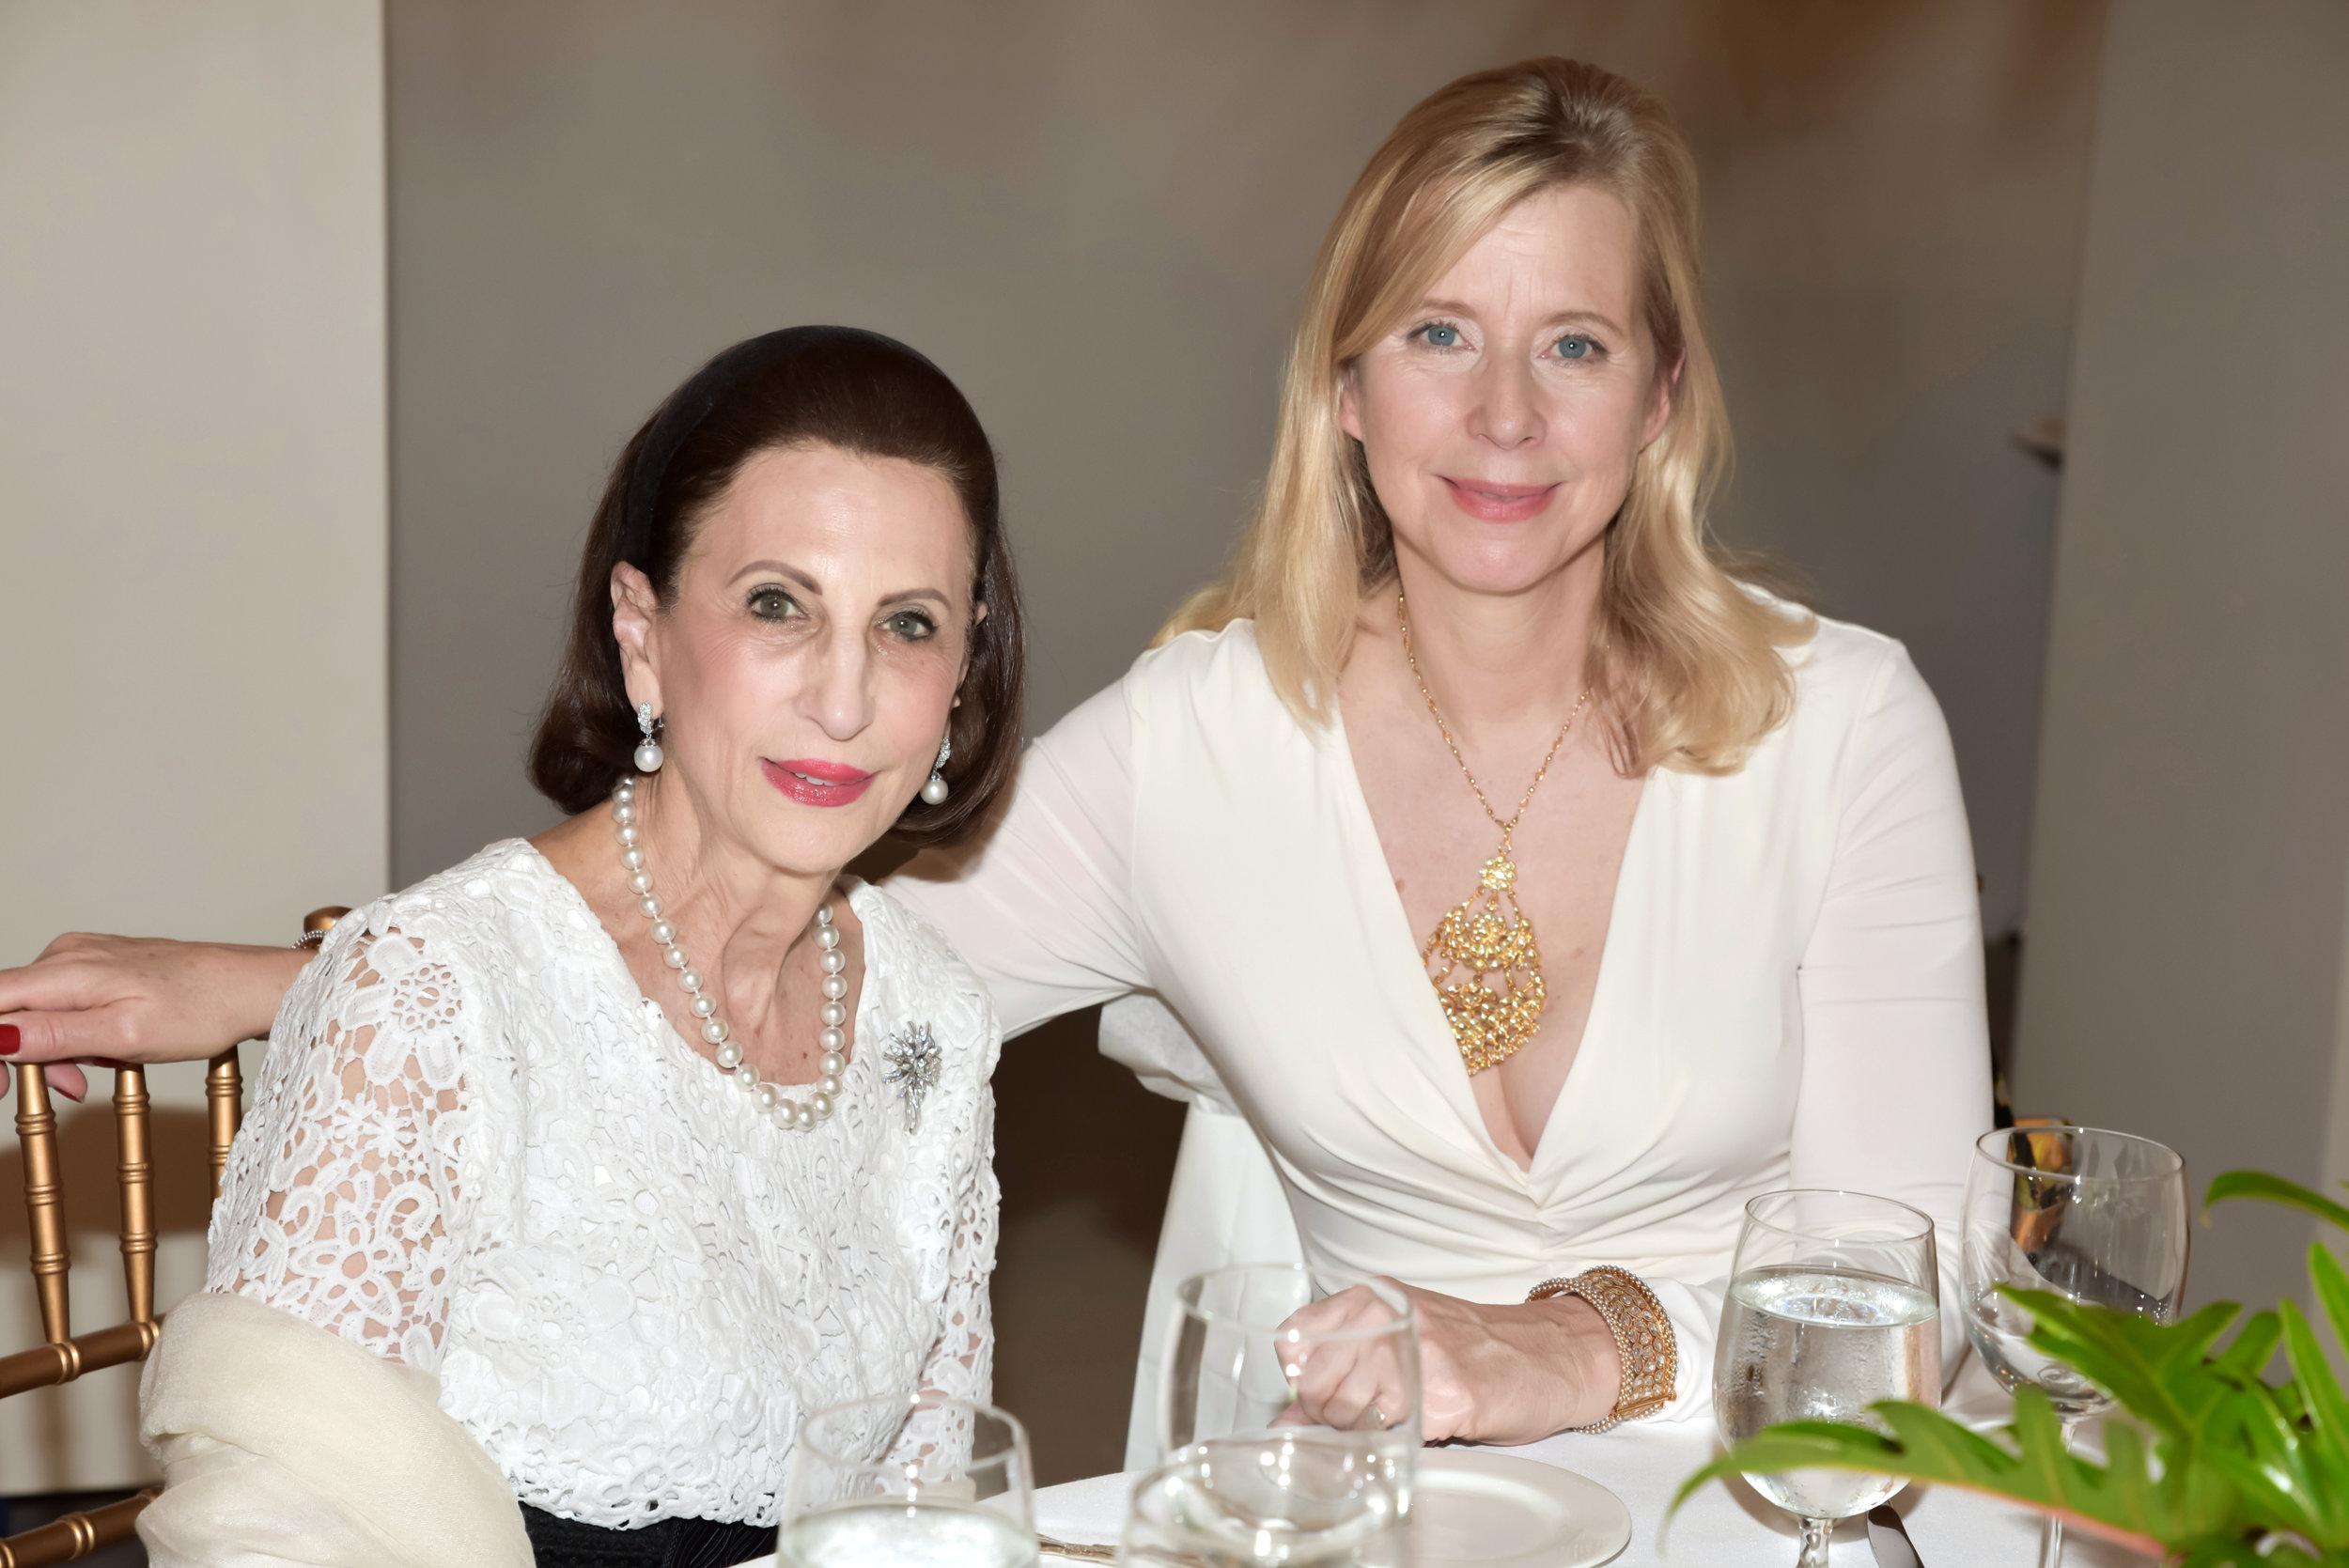 The Honorable Carole Brookins, Countess Dorothea de La Houssaye